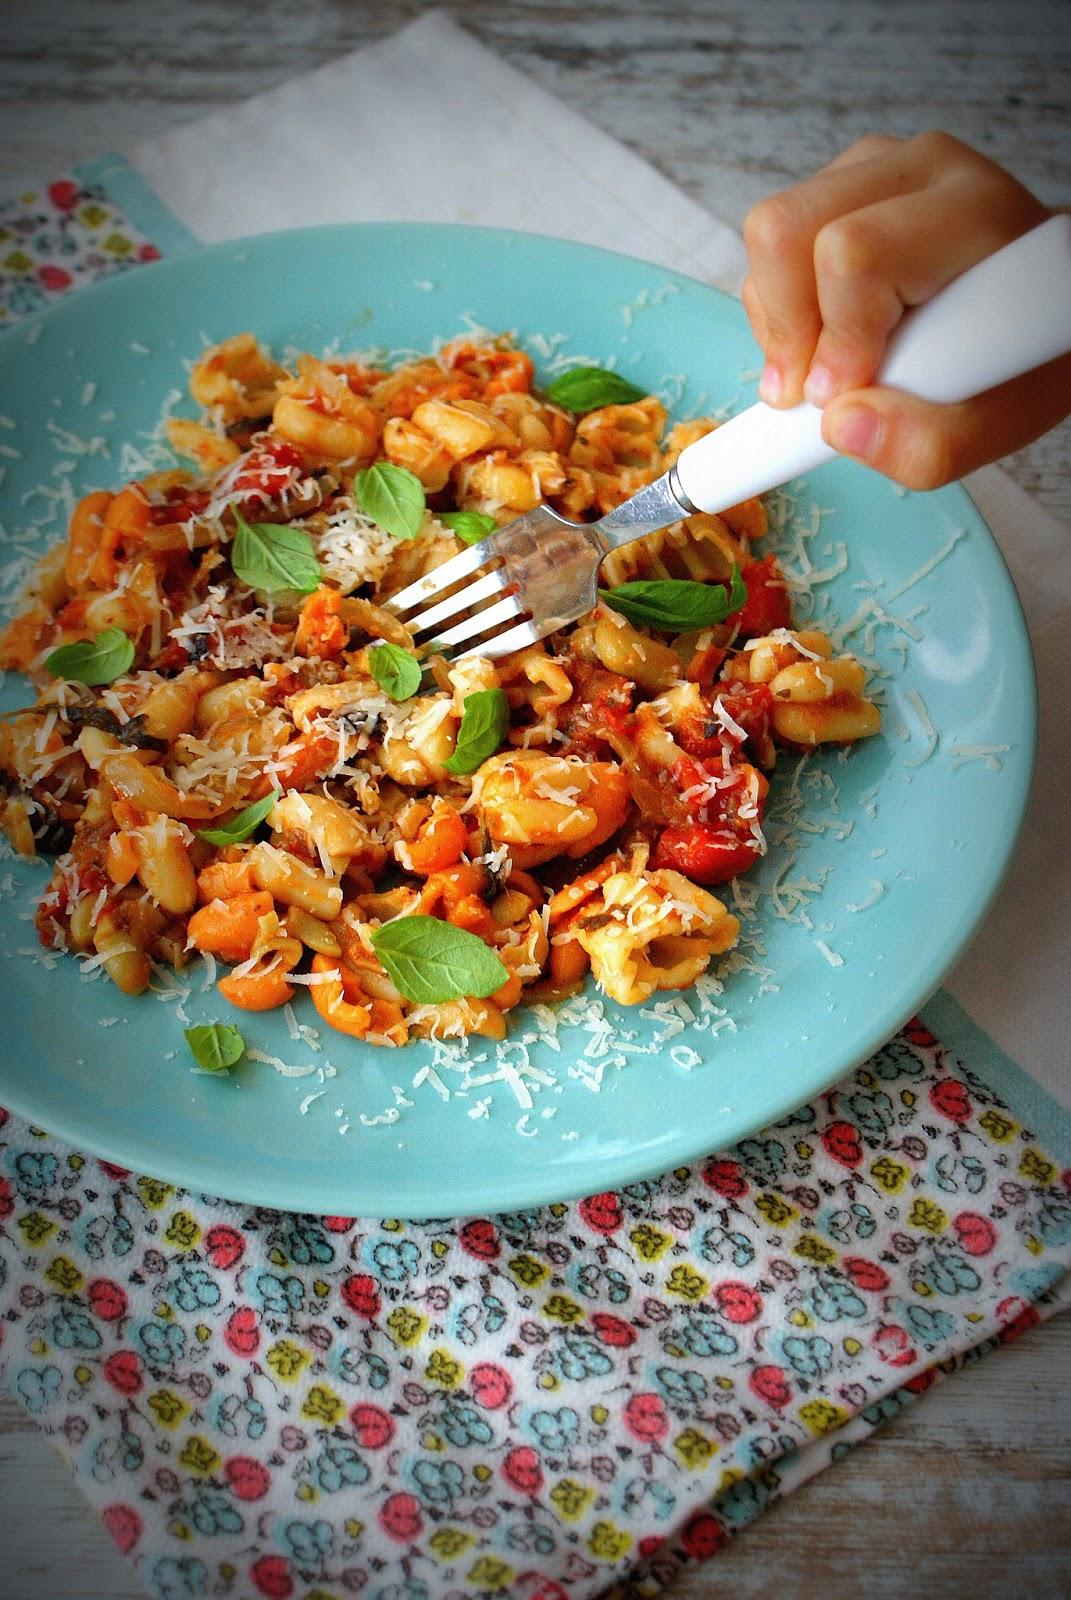 Z Kuchni Do Kuchni Fioretti Z Kawiorem Z Bakłażana W Pomidorach